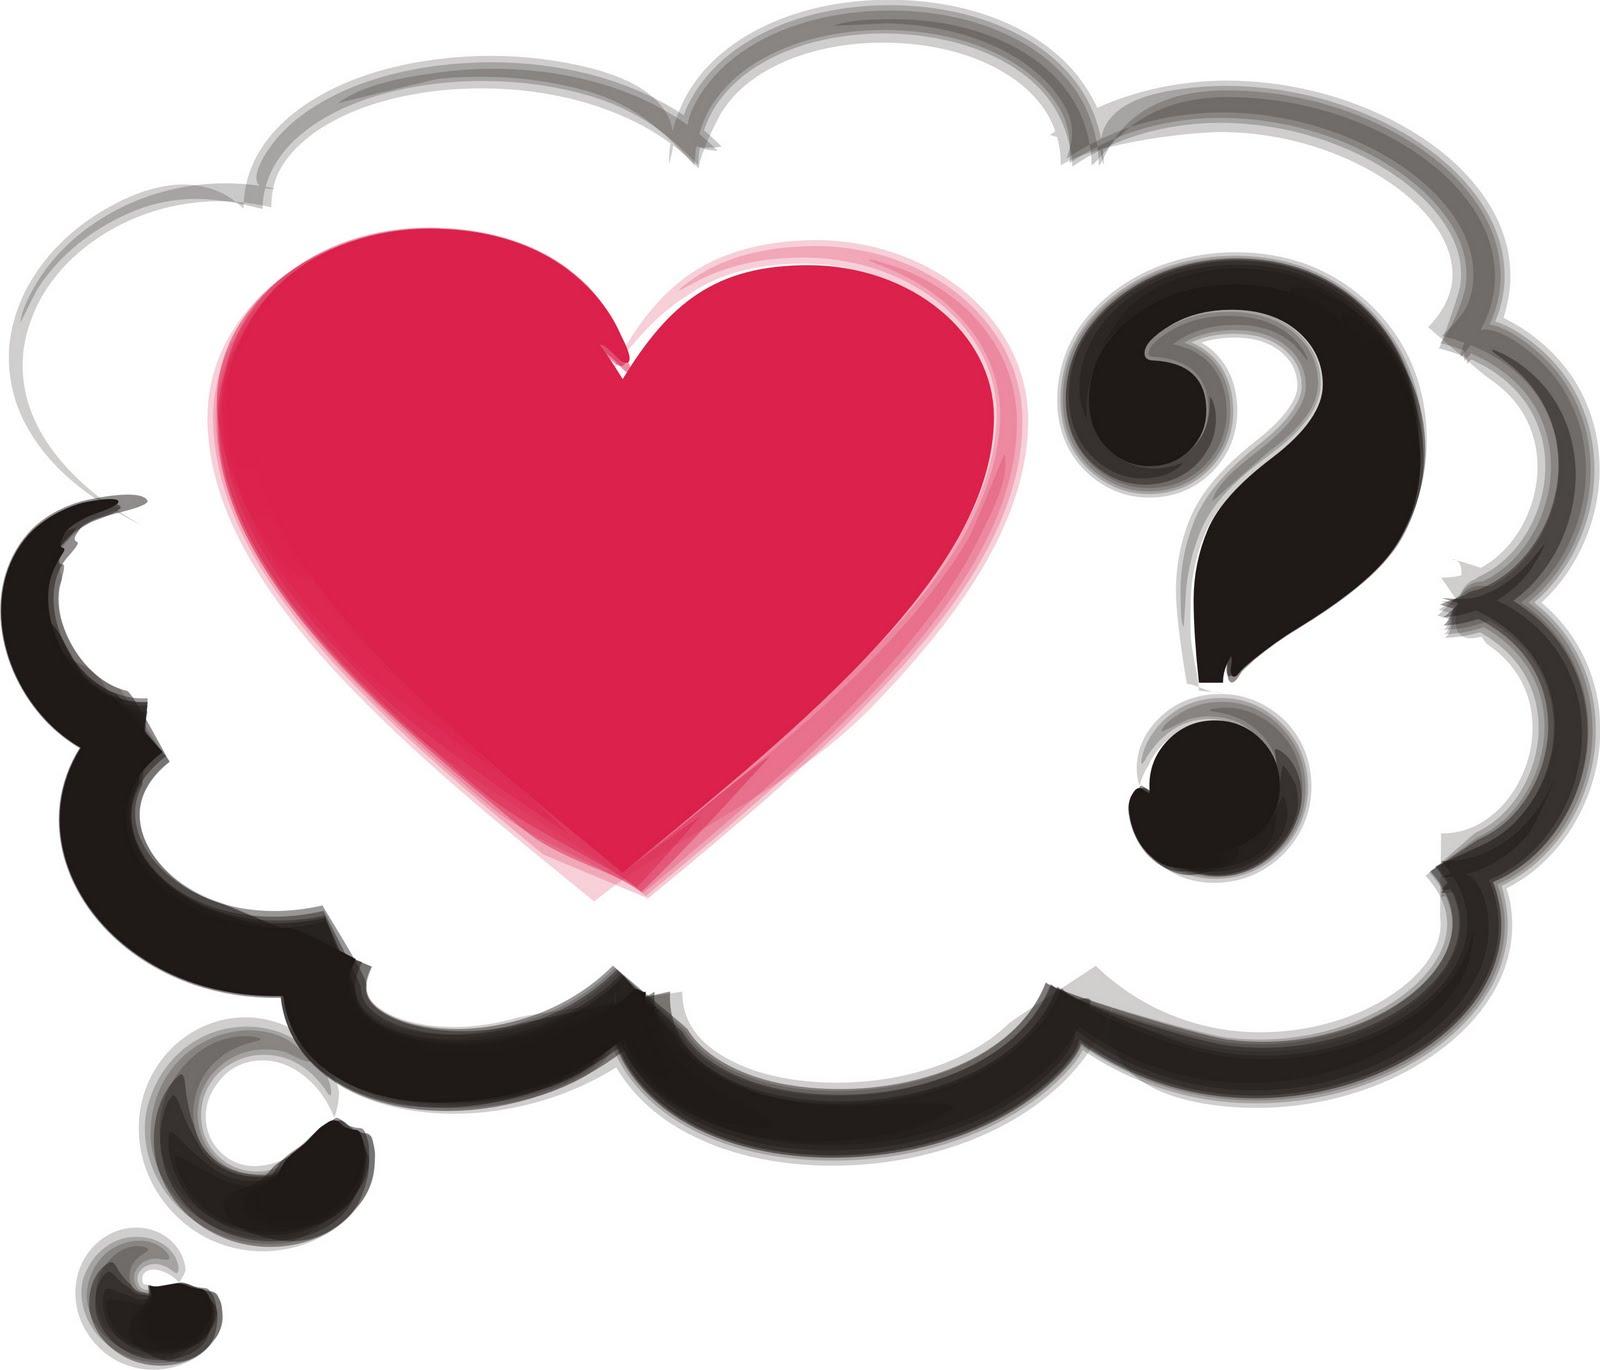 Apa itu cinta ……??